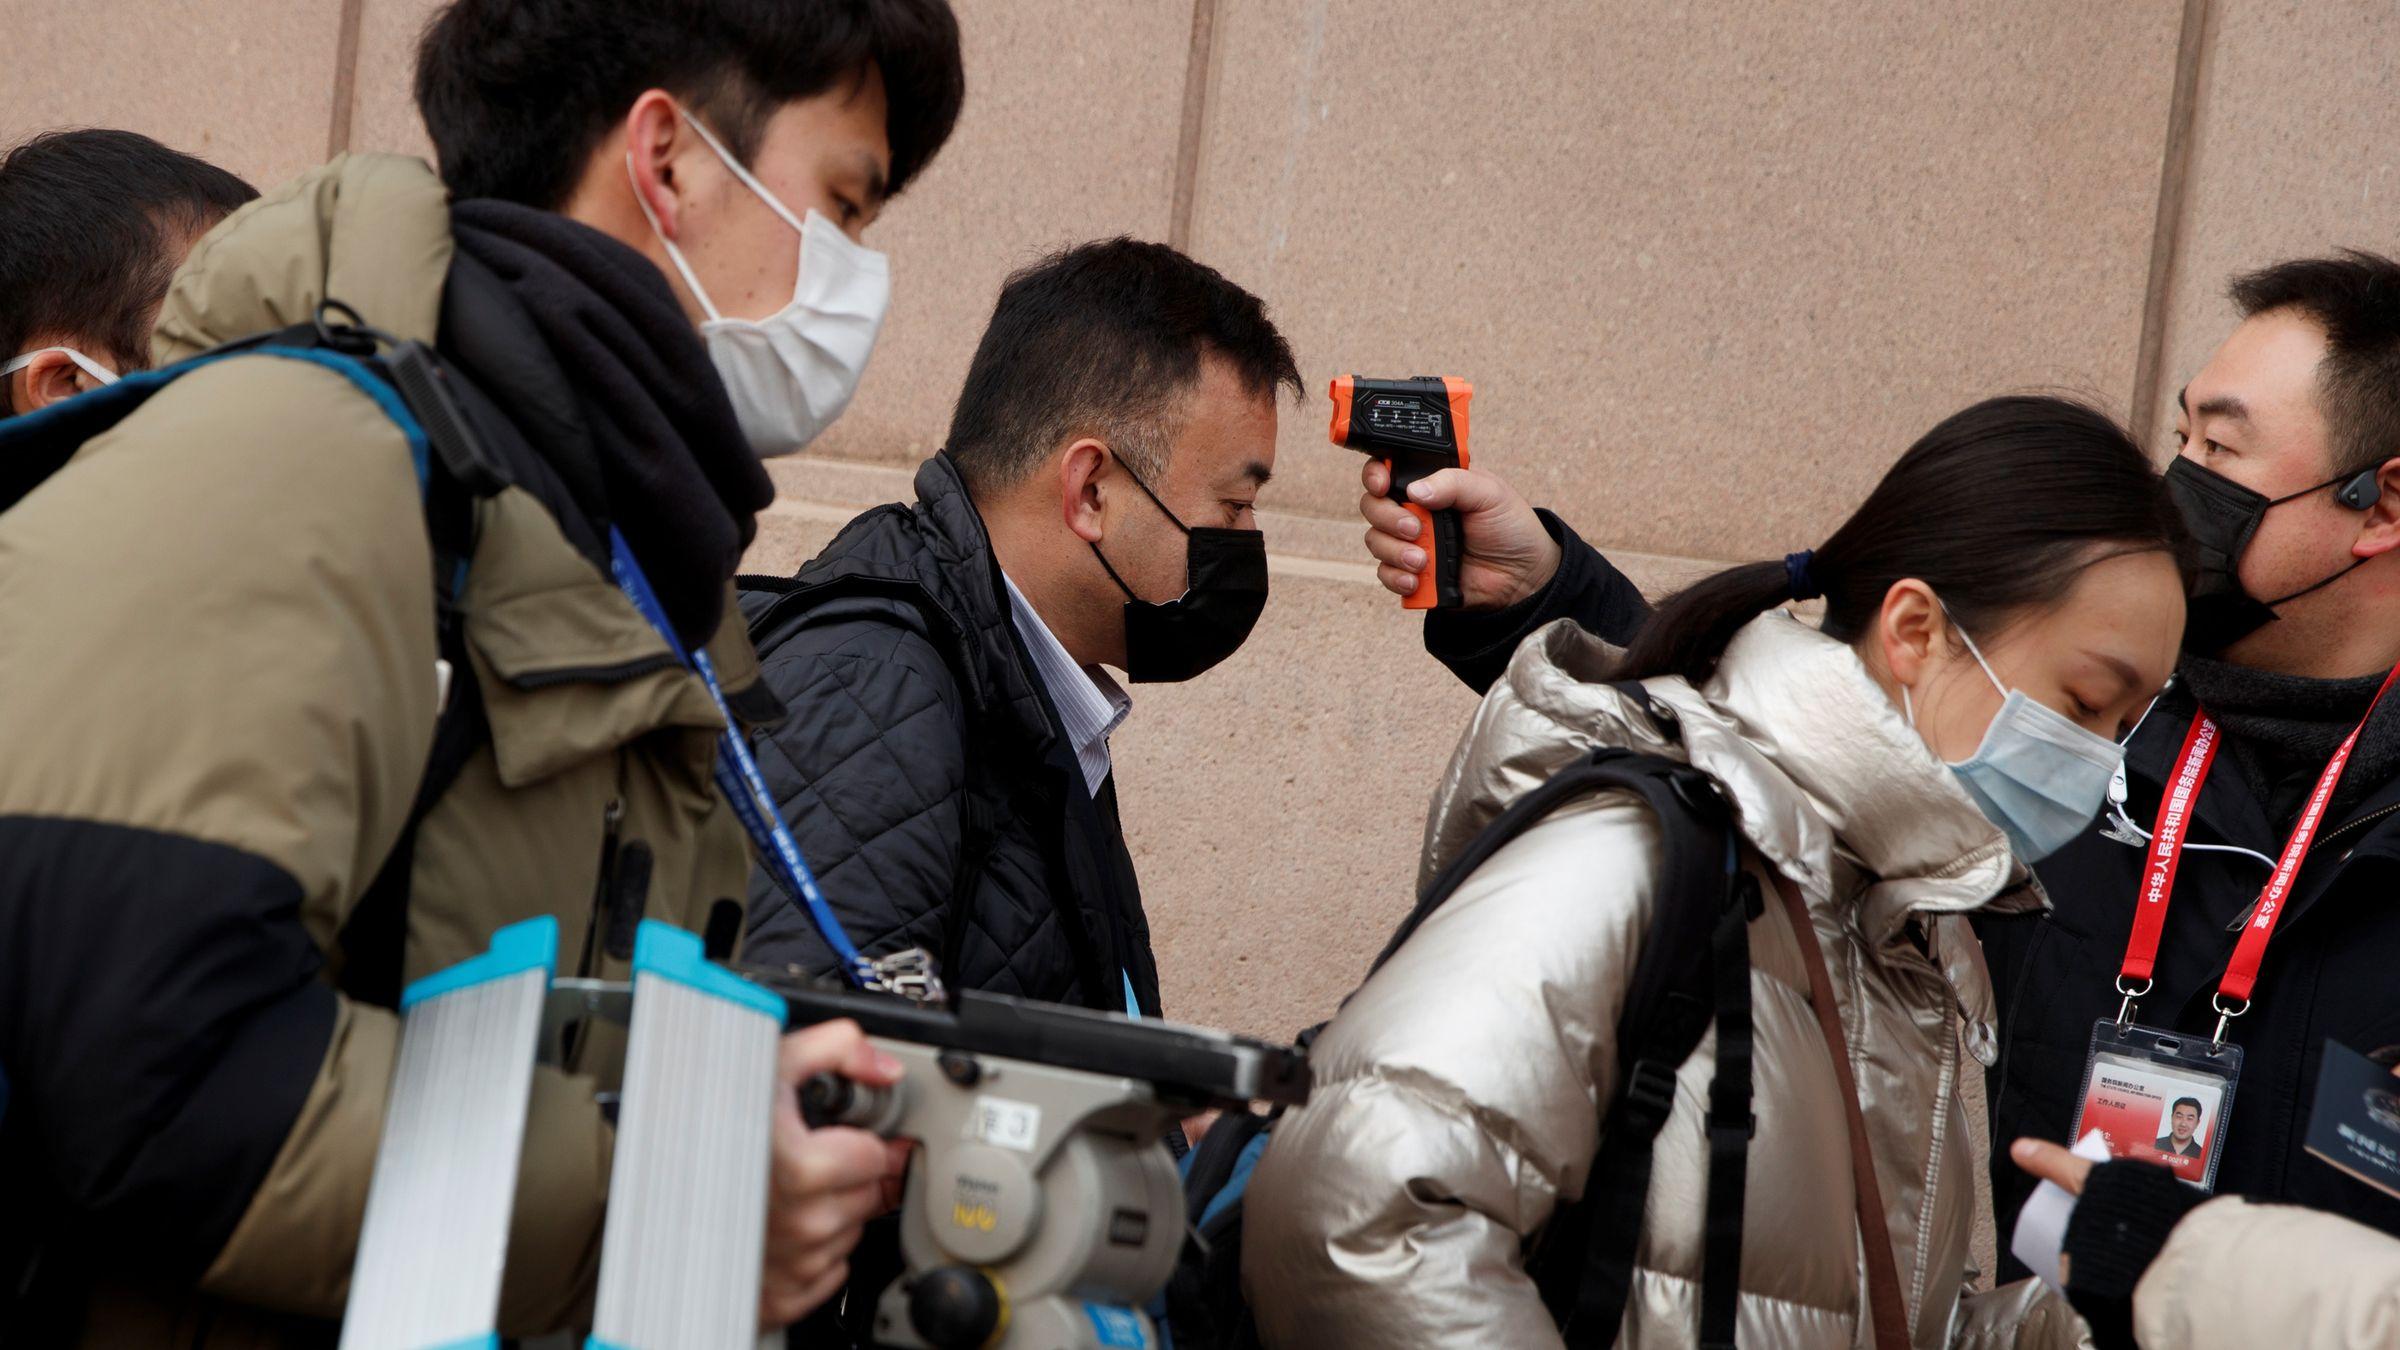 La crisis por el coronavirus se extiende a nivel mundial